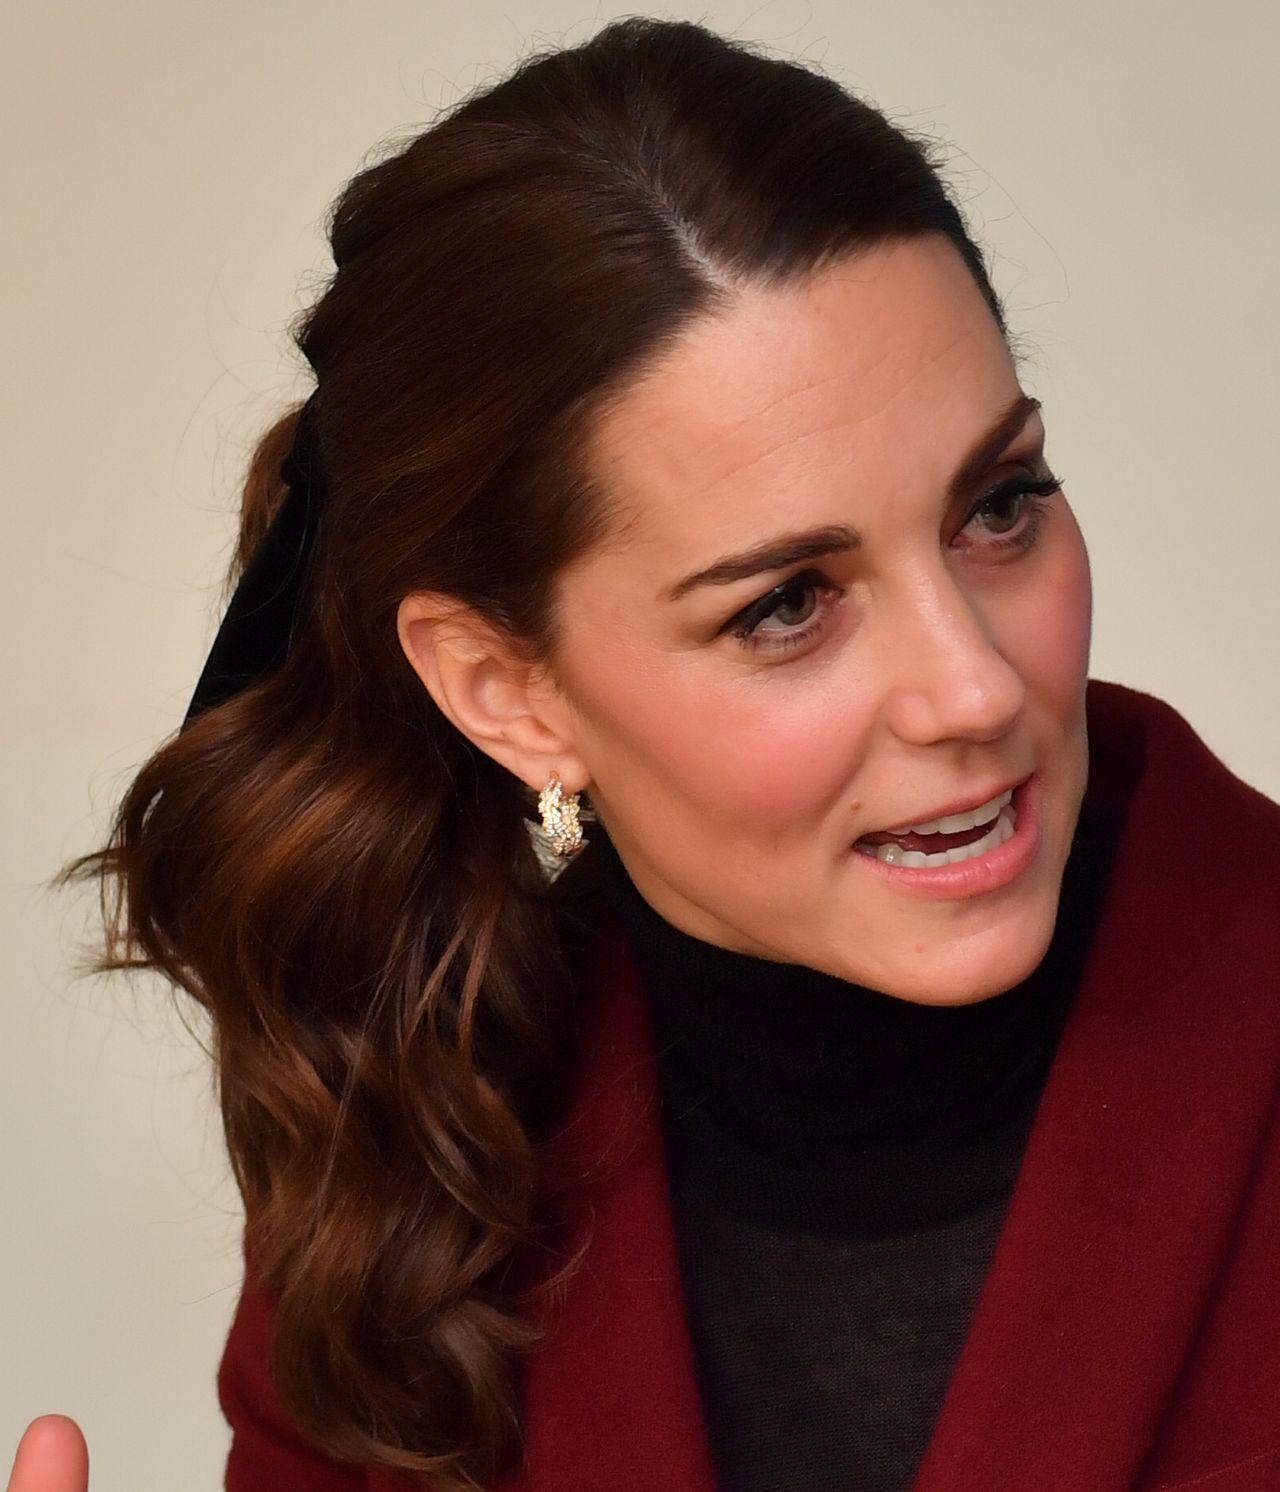 Fanki księżnej Kate już szukają w sklepach TEGO dodatku (ZDJĘCIA)